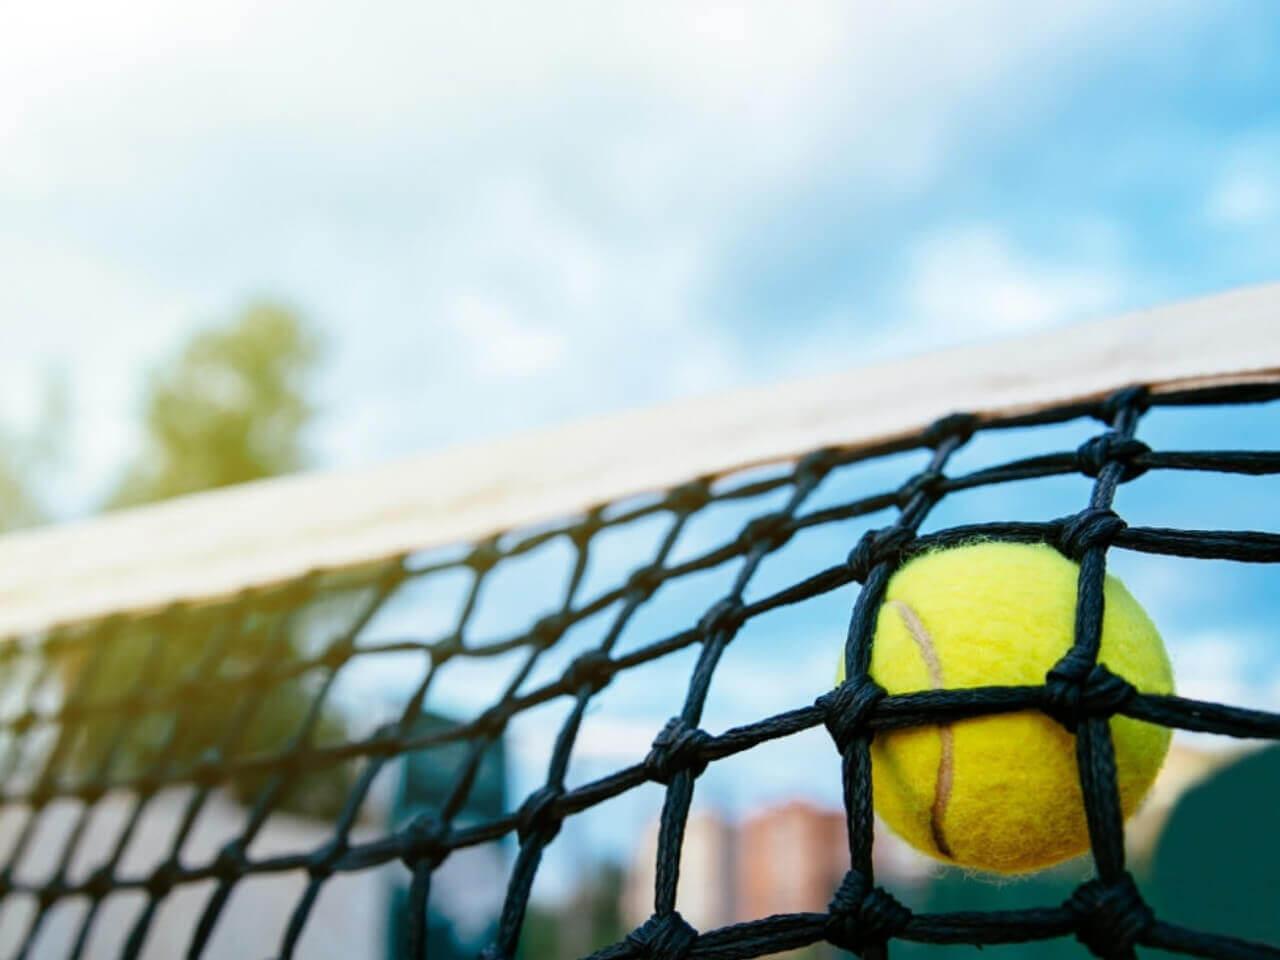 ネットにかかるテニスボール